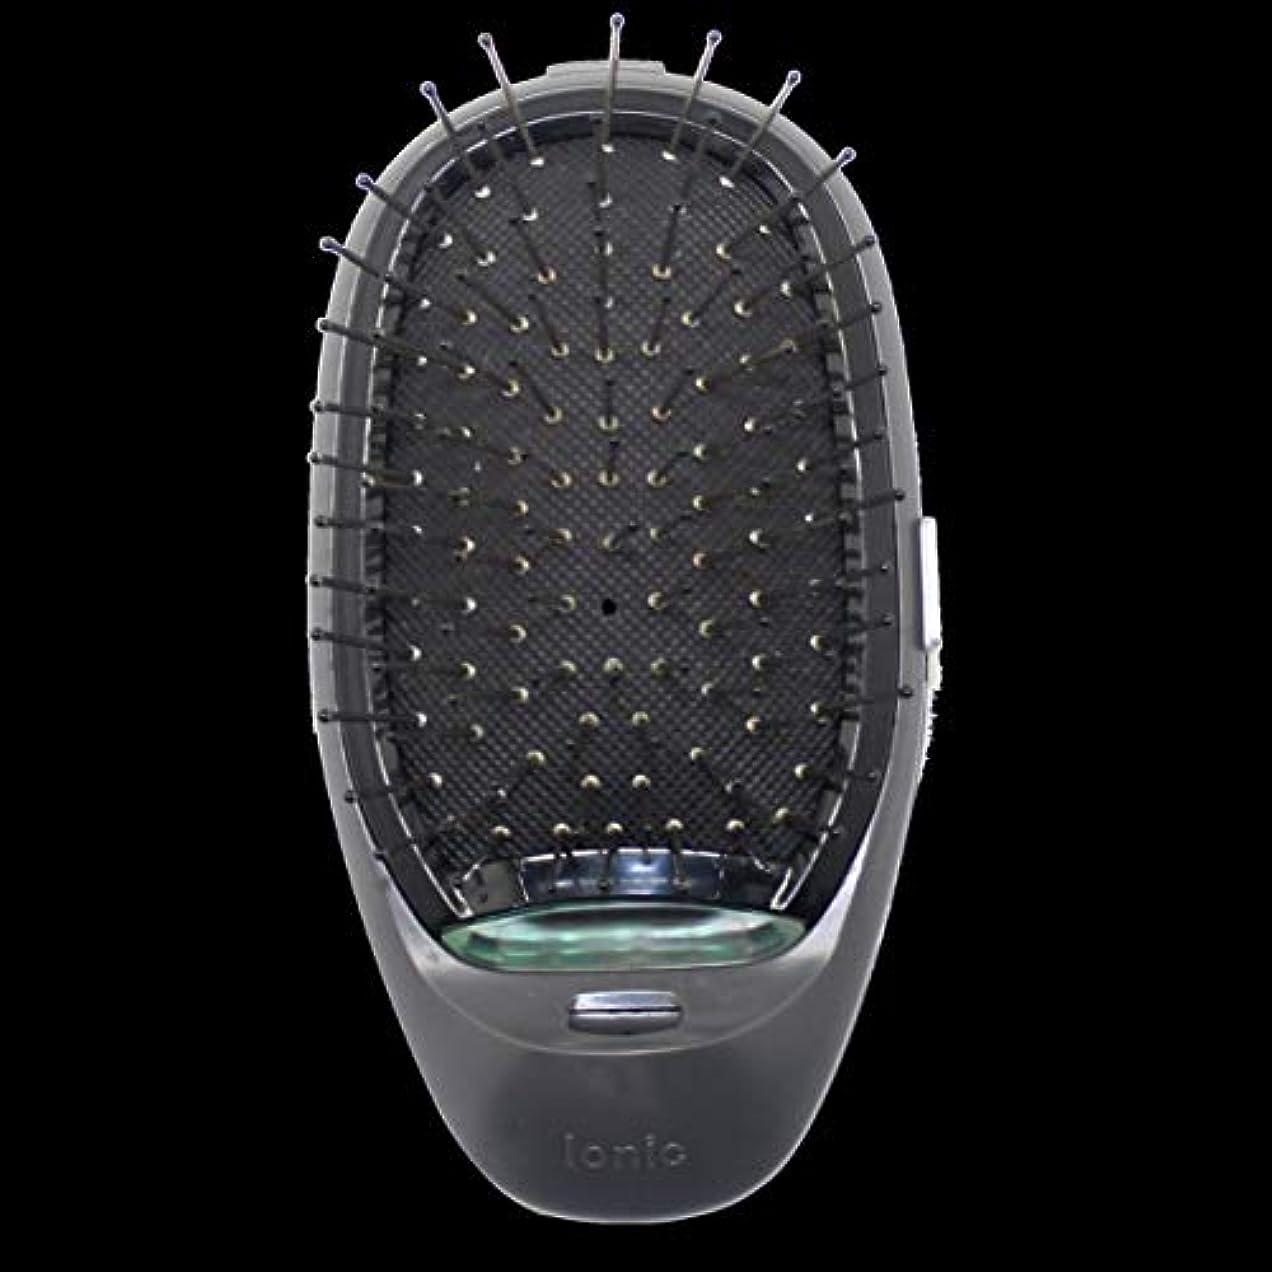 禁止する買い手スライム電動マッサージヘアブラシミニマイナスイオンヘアコム3Dインフレータブルコーム帯電防止ガールズヘアブラシ電池式 - ブラック